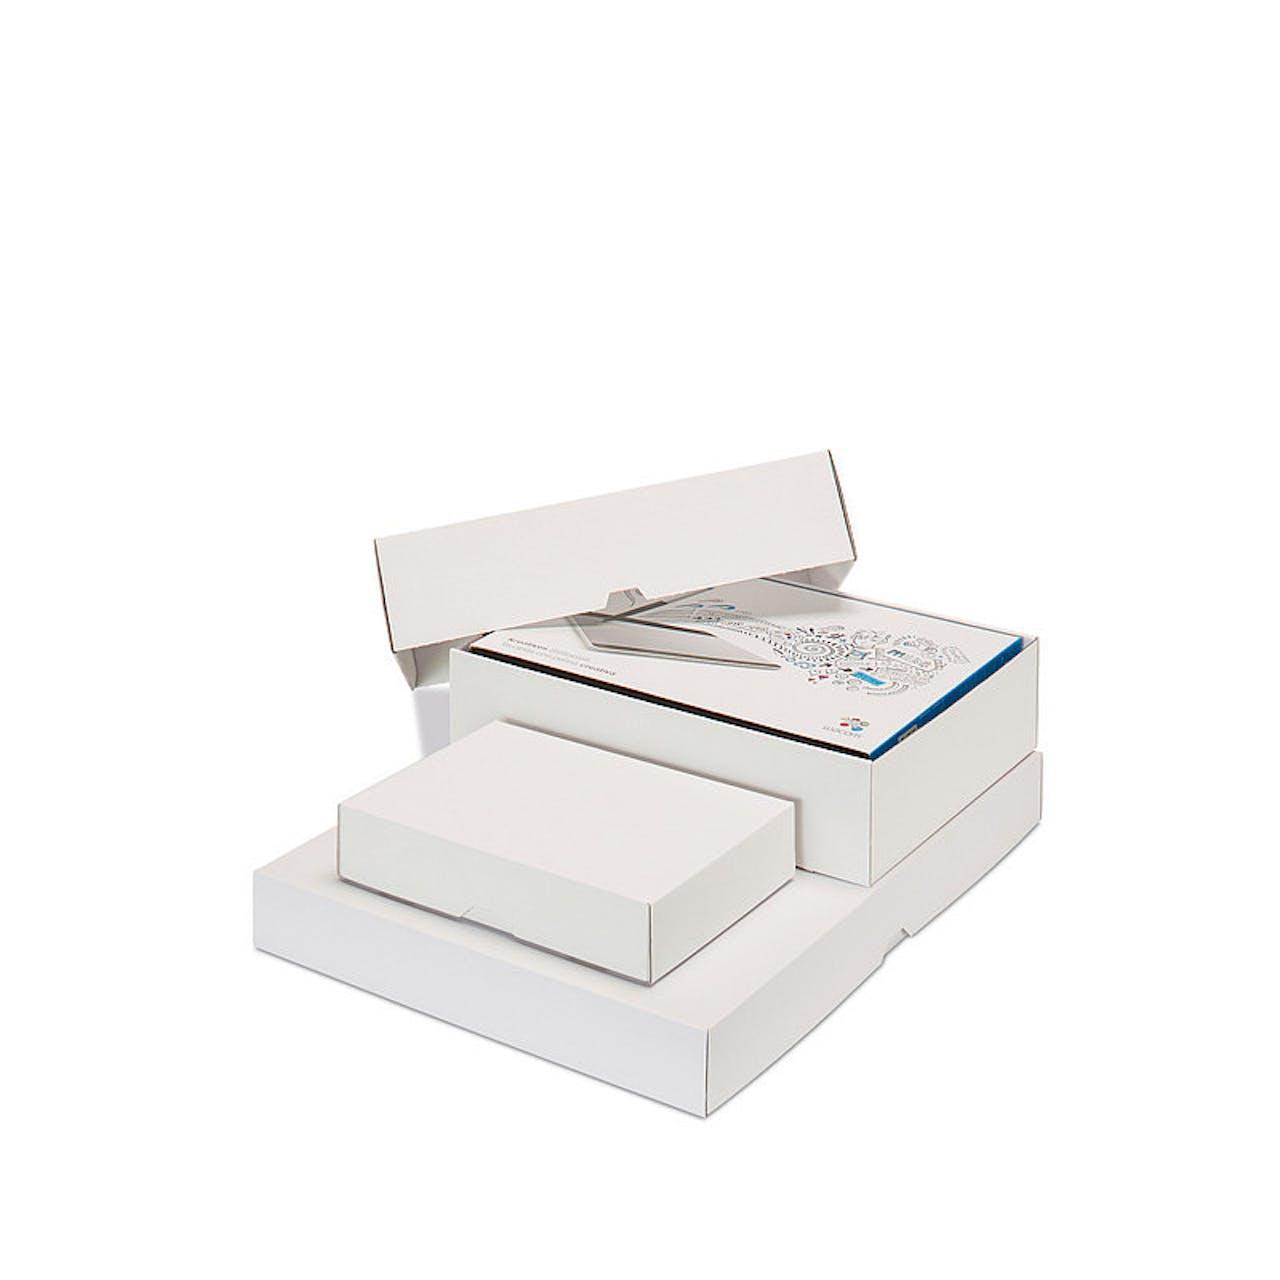 Stülpdeckelkarton, 214 x 151 x 45 mm, weiß, DIN A5, 2-teilig (mit Deckel)